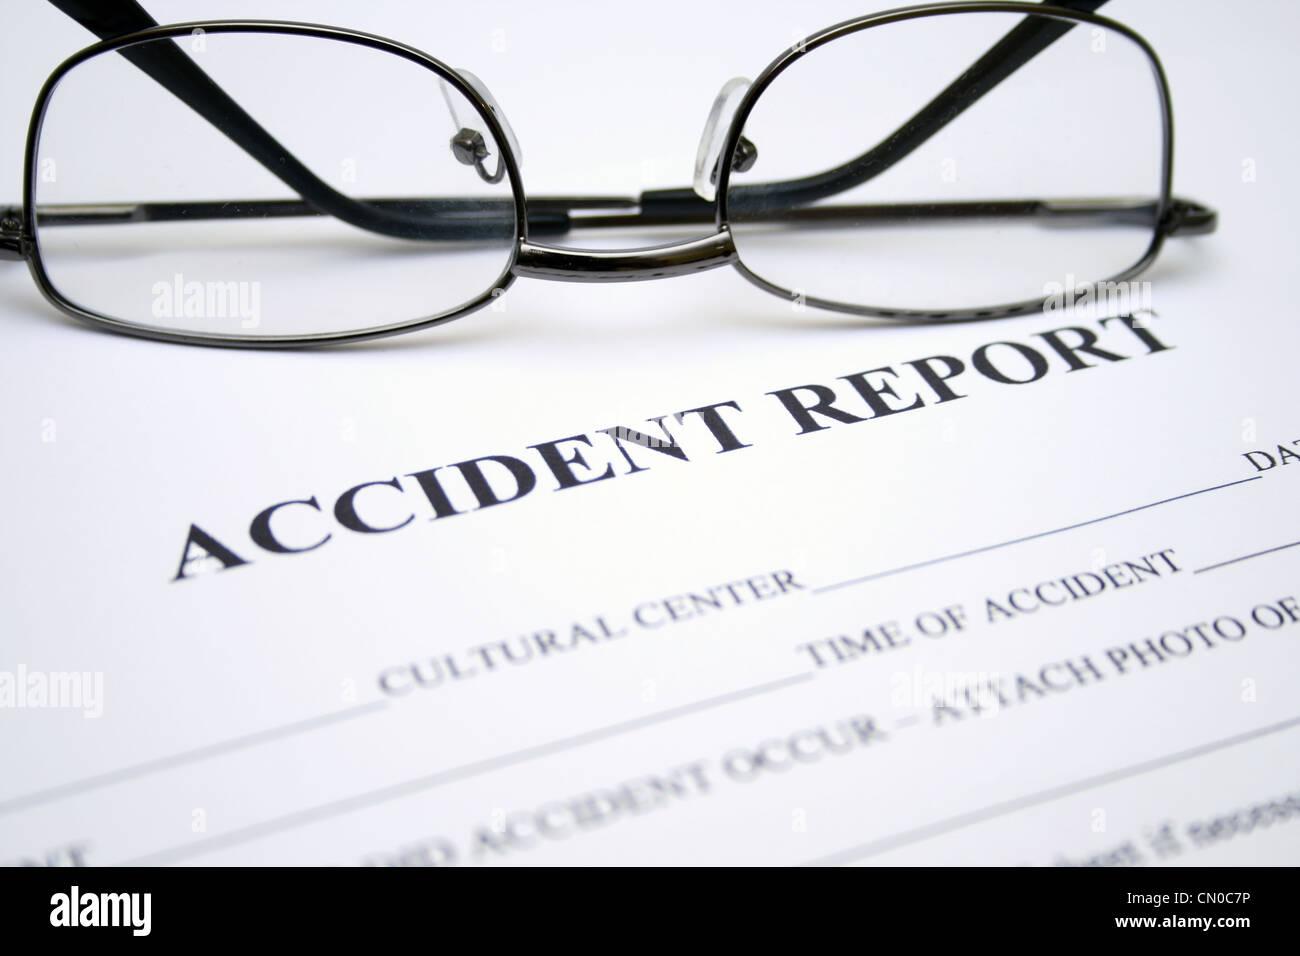 Accident report Stock Photo